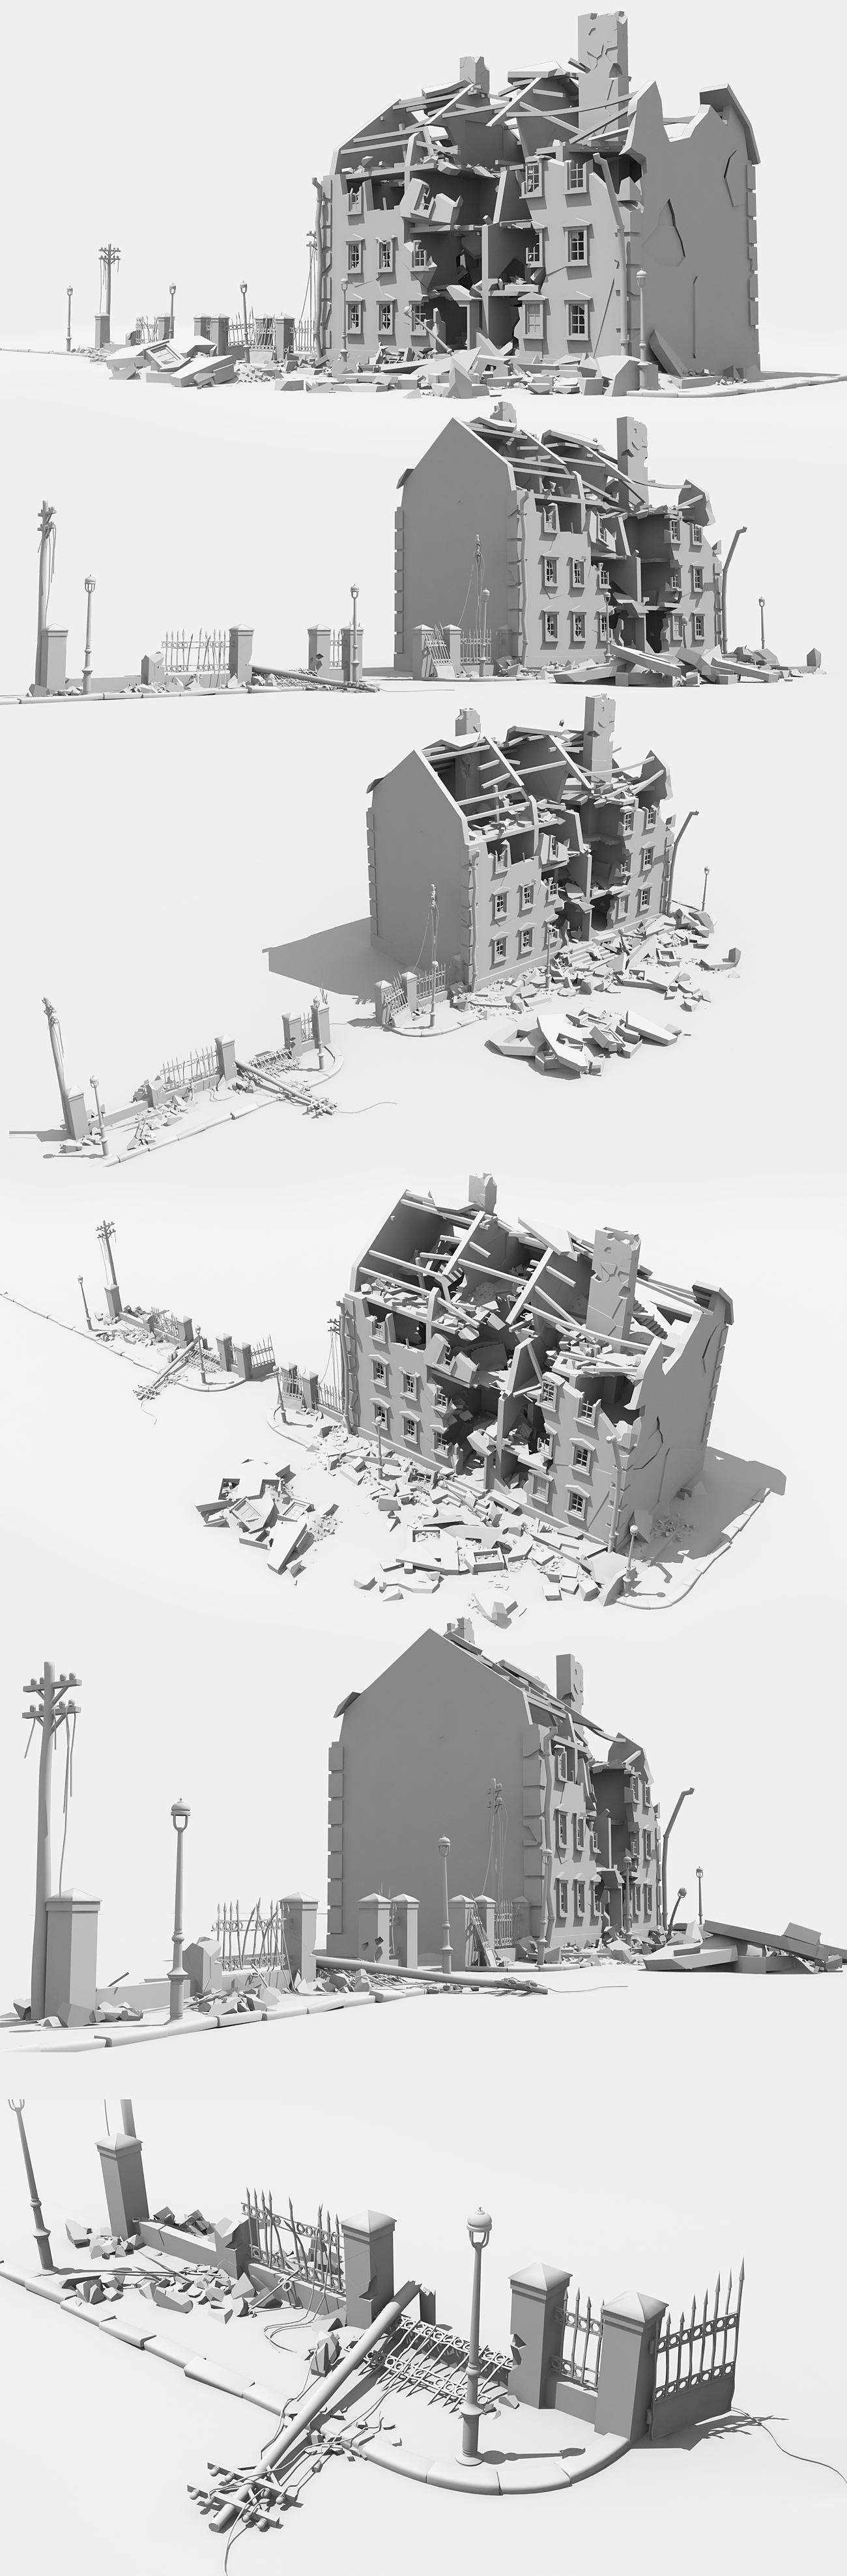 render-1.jpg